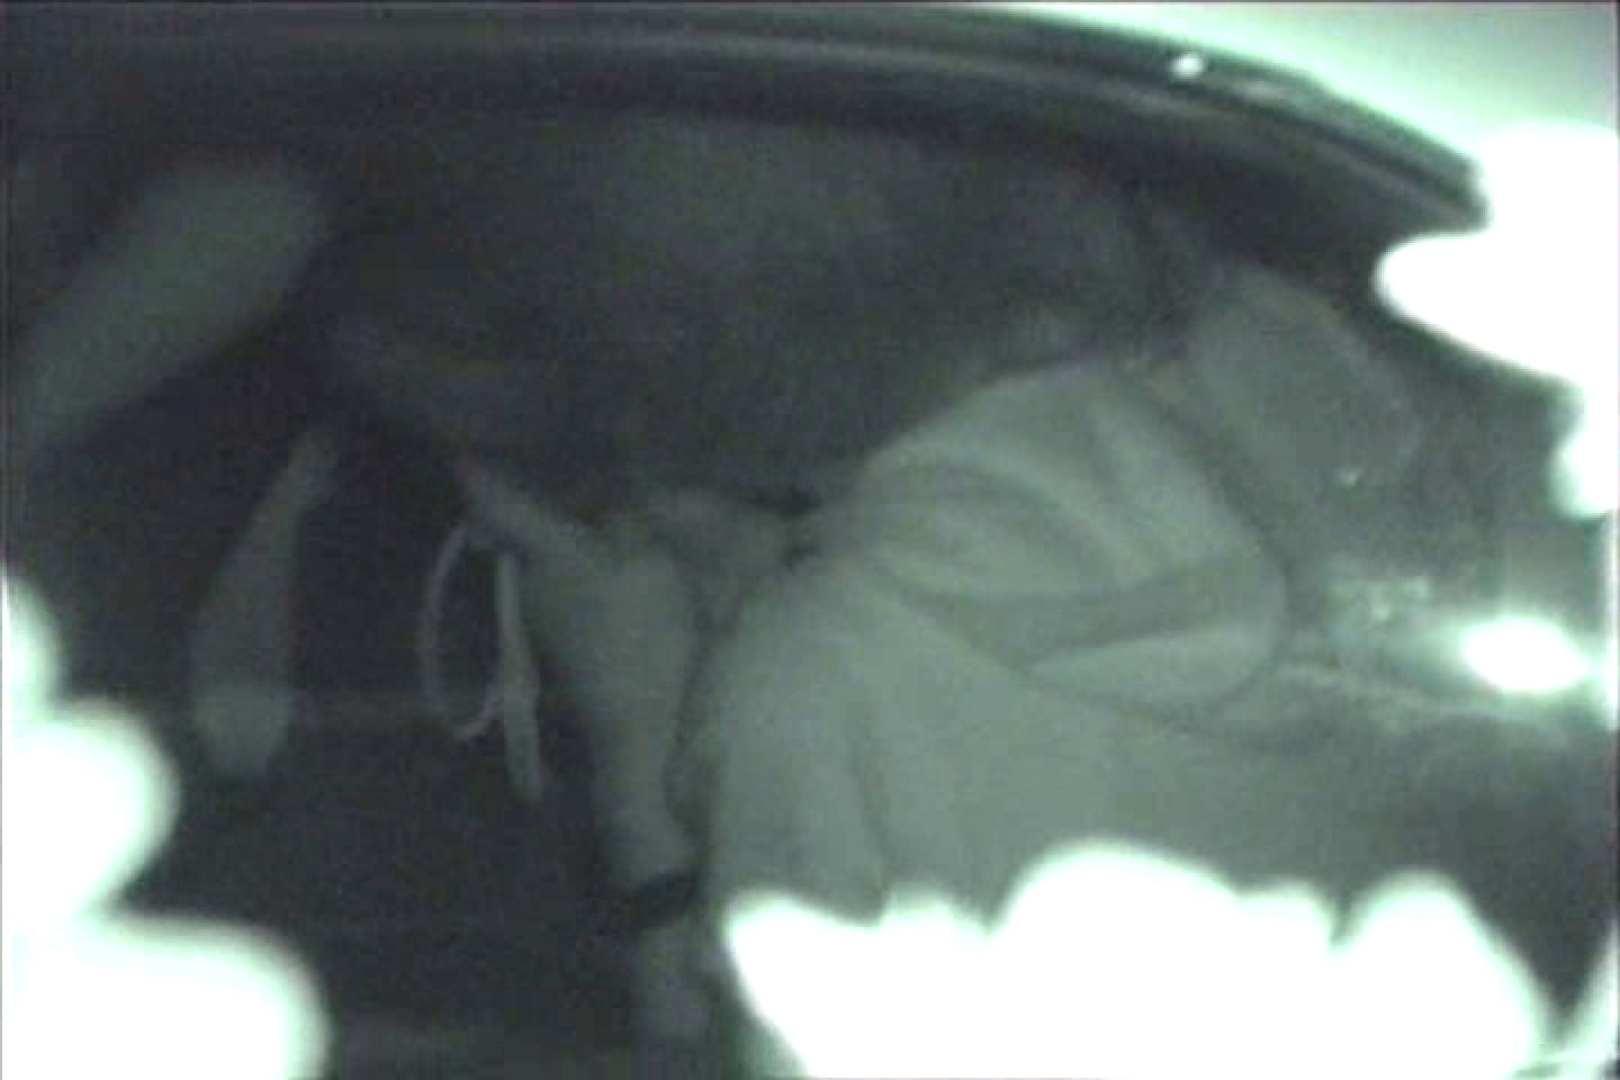 車の中はラブホテル 無修正版  Vol.16 丸見え | 覗き  52連発 23